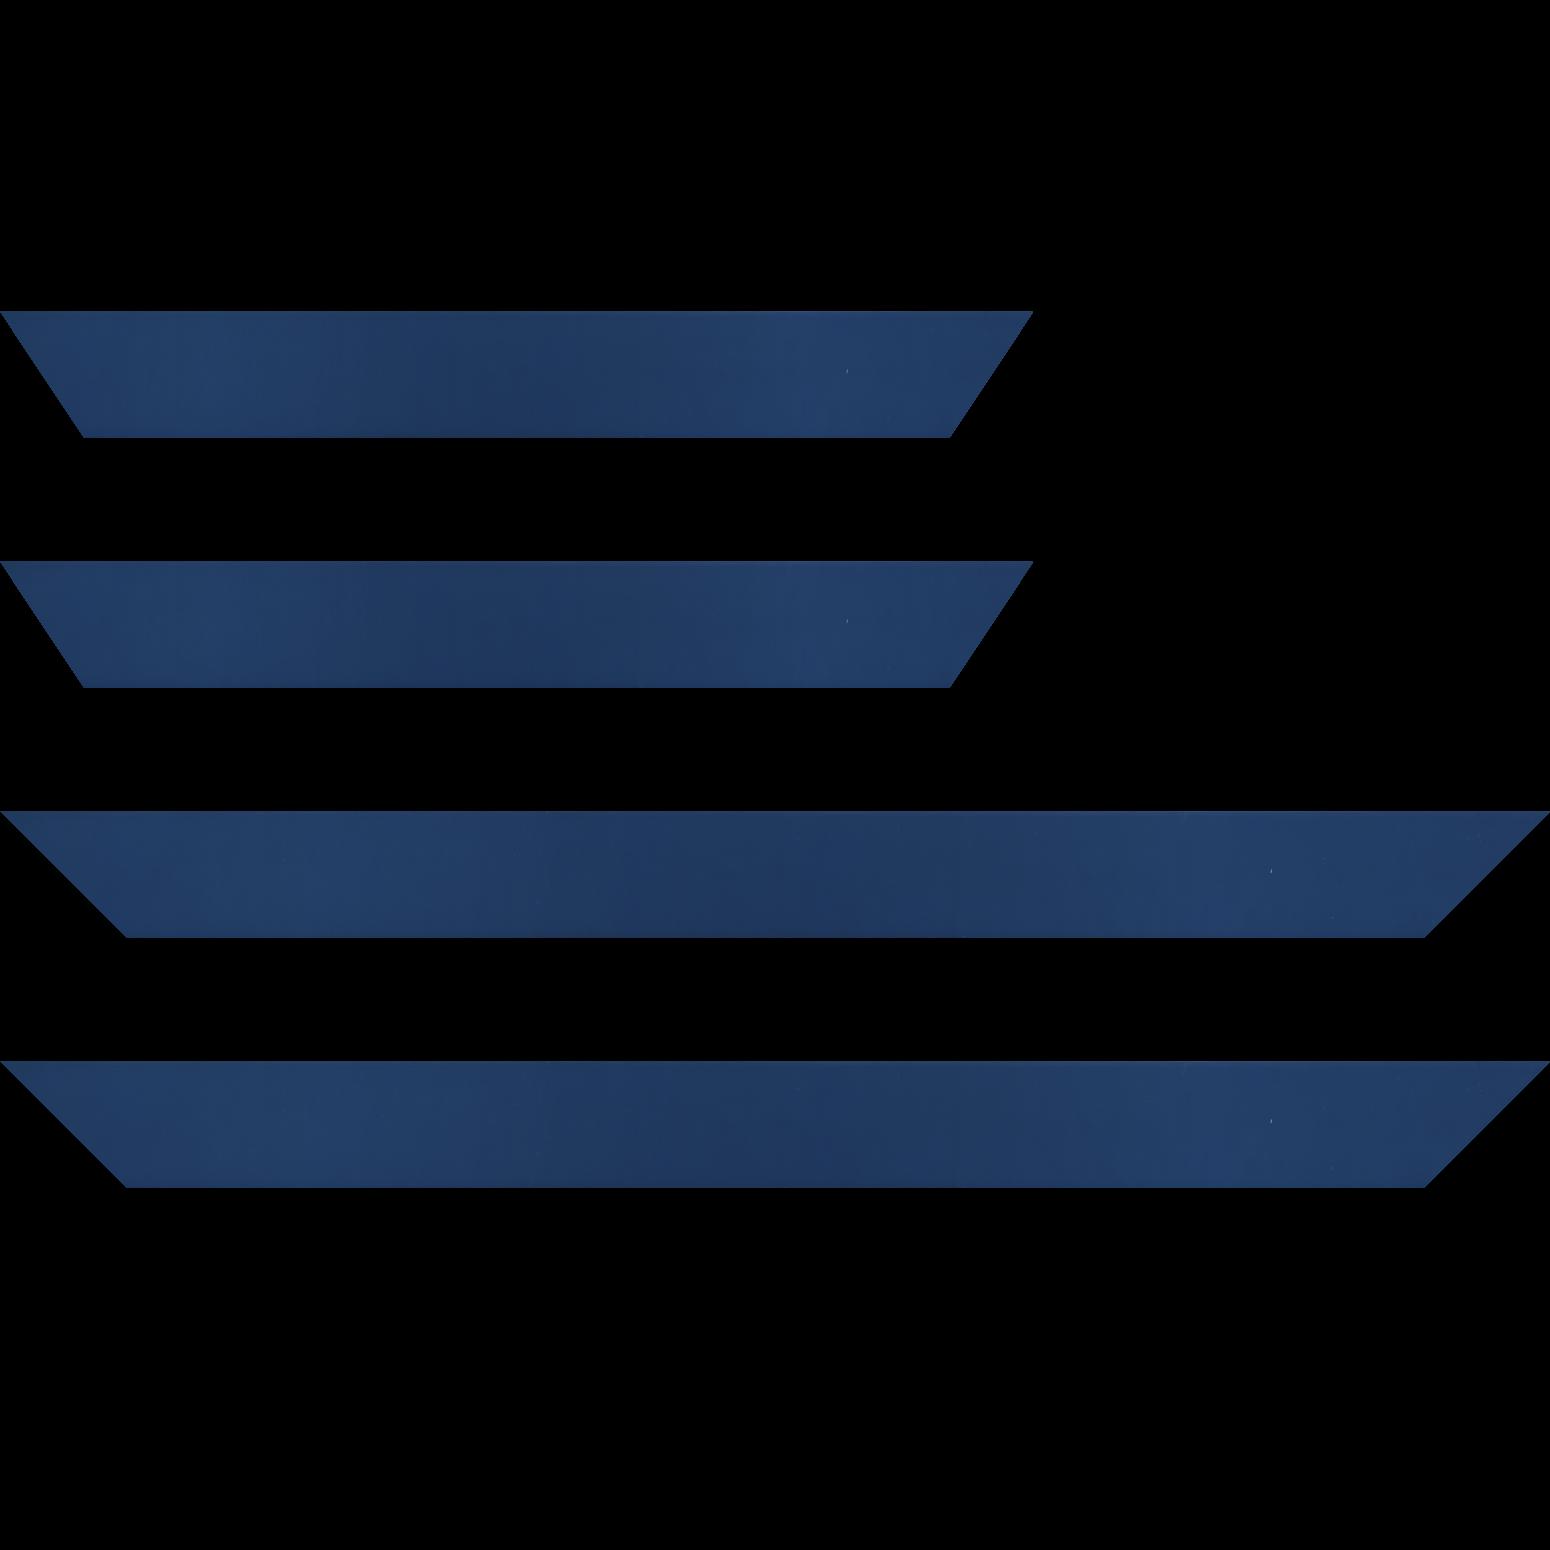 Baguette service précoupé bois profil plat largeur 3.9cm couleur bleu grec mat